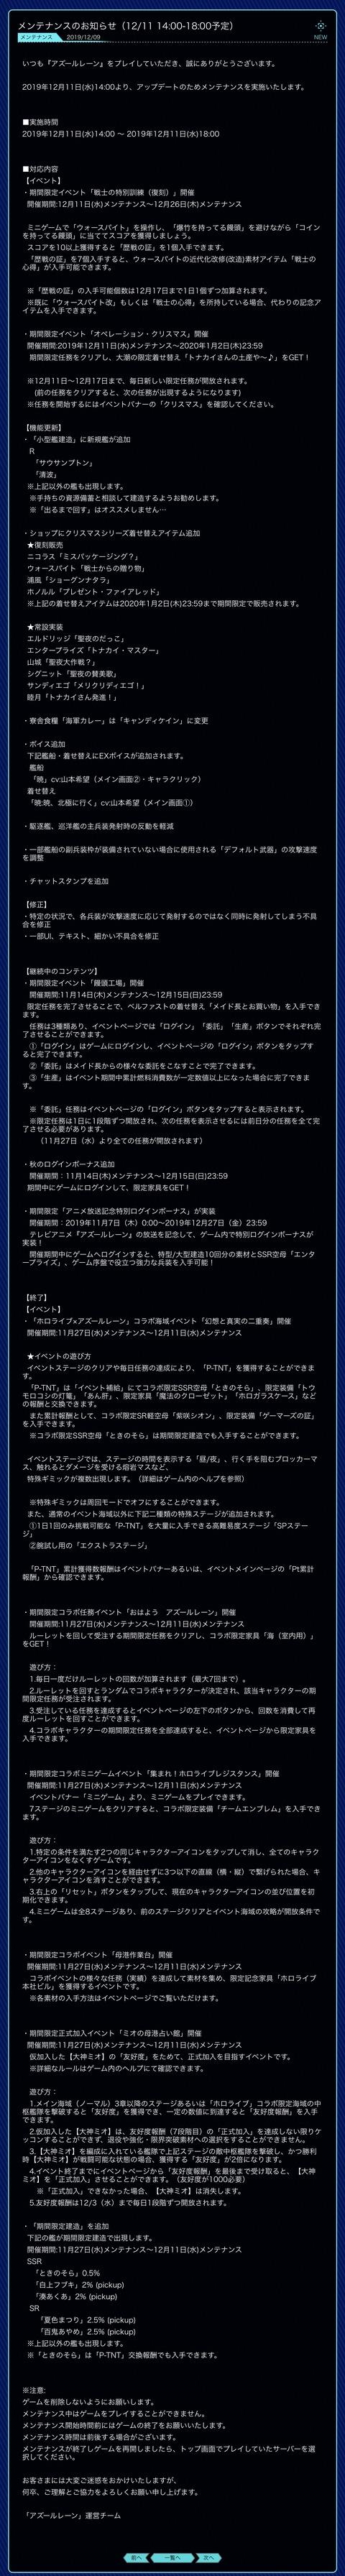 E3C808DC-047E-4C7B-946E-831142224AF5